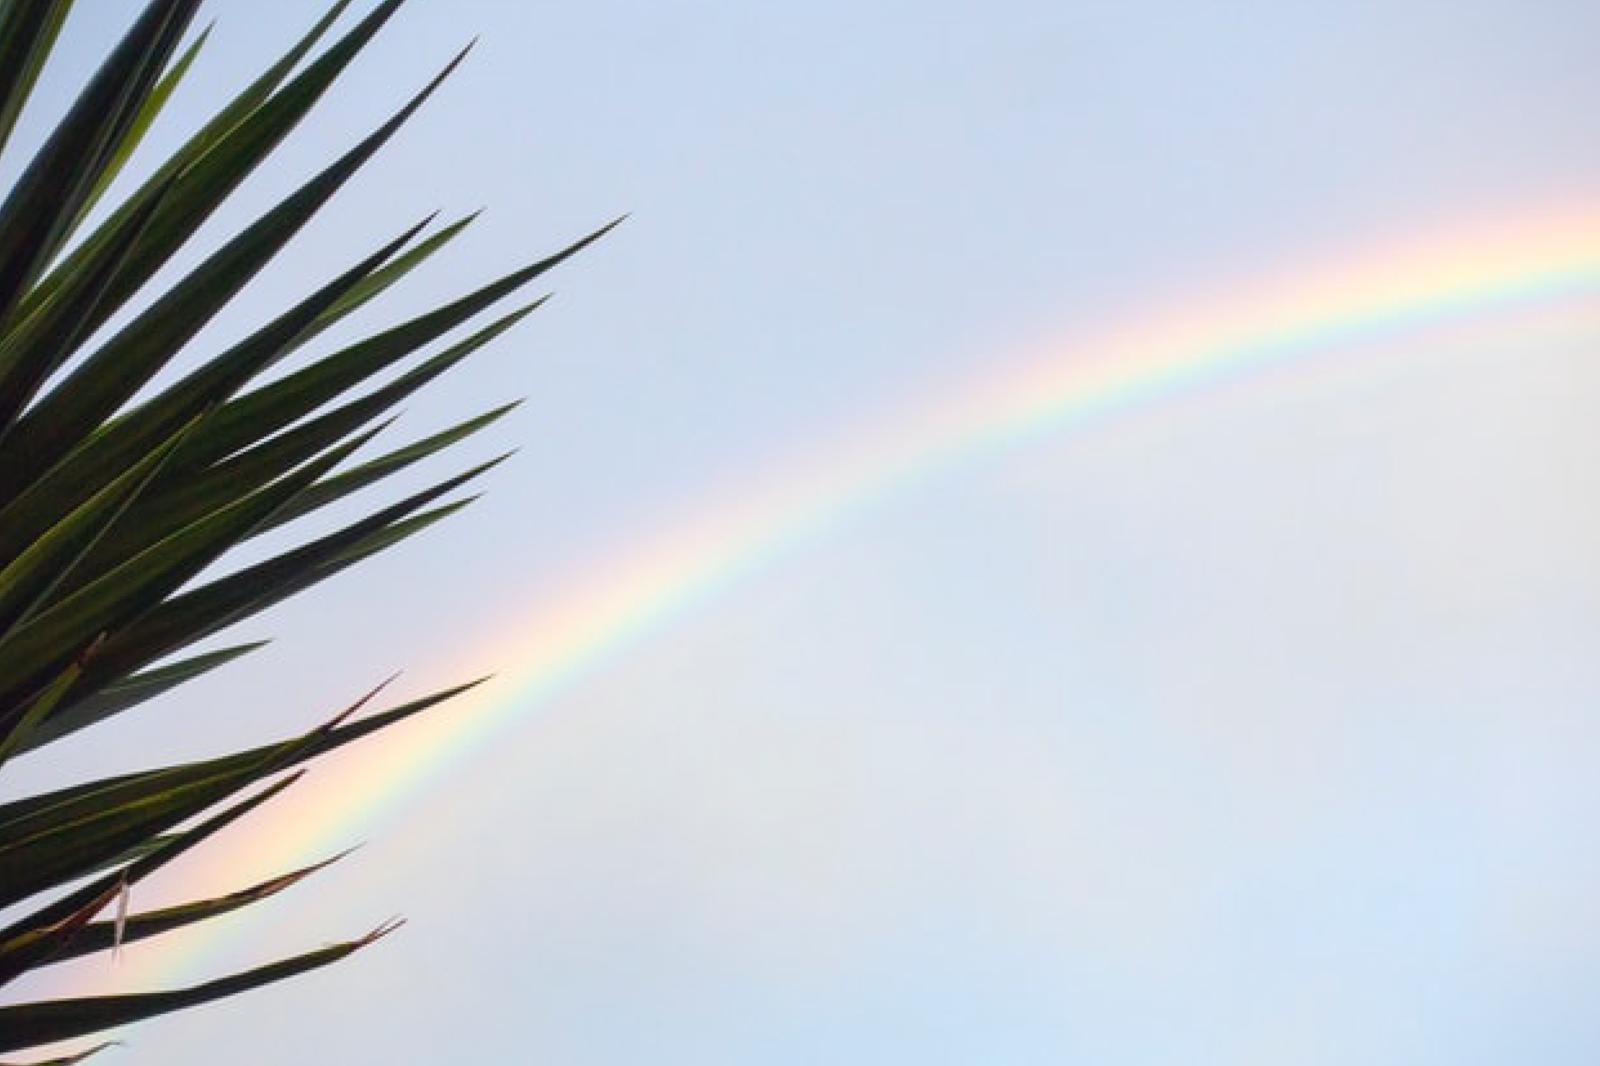 ハワイと虹の繋がり